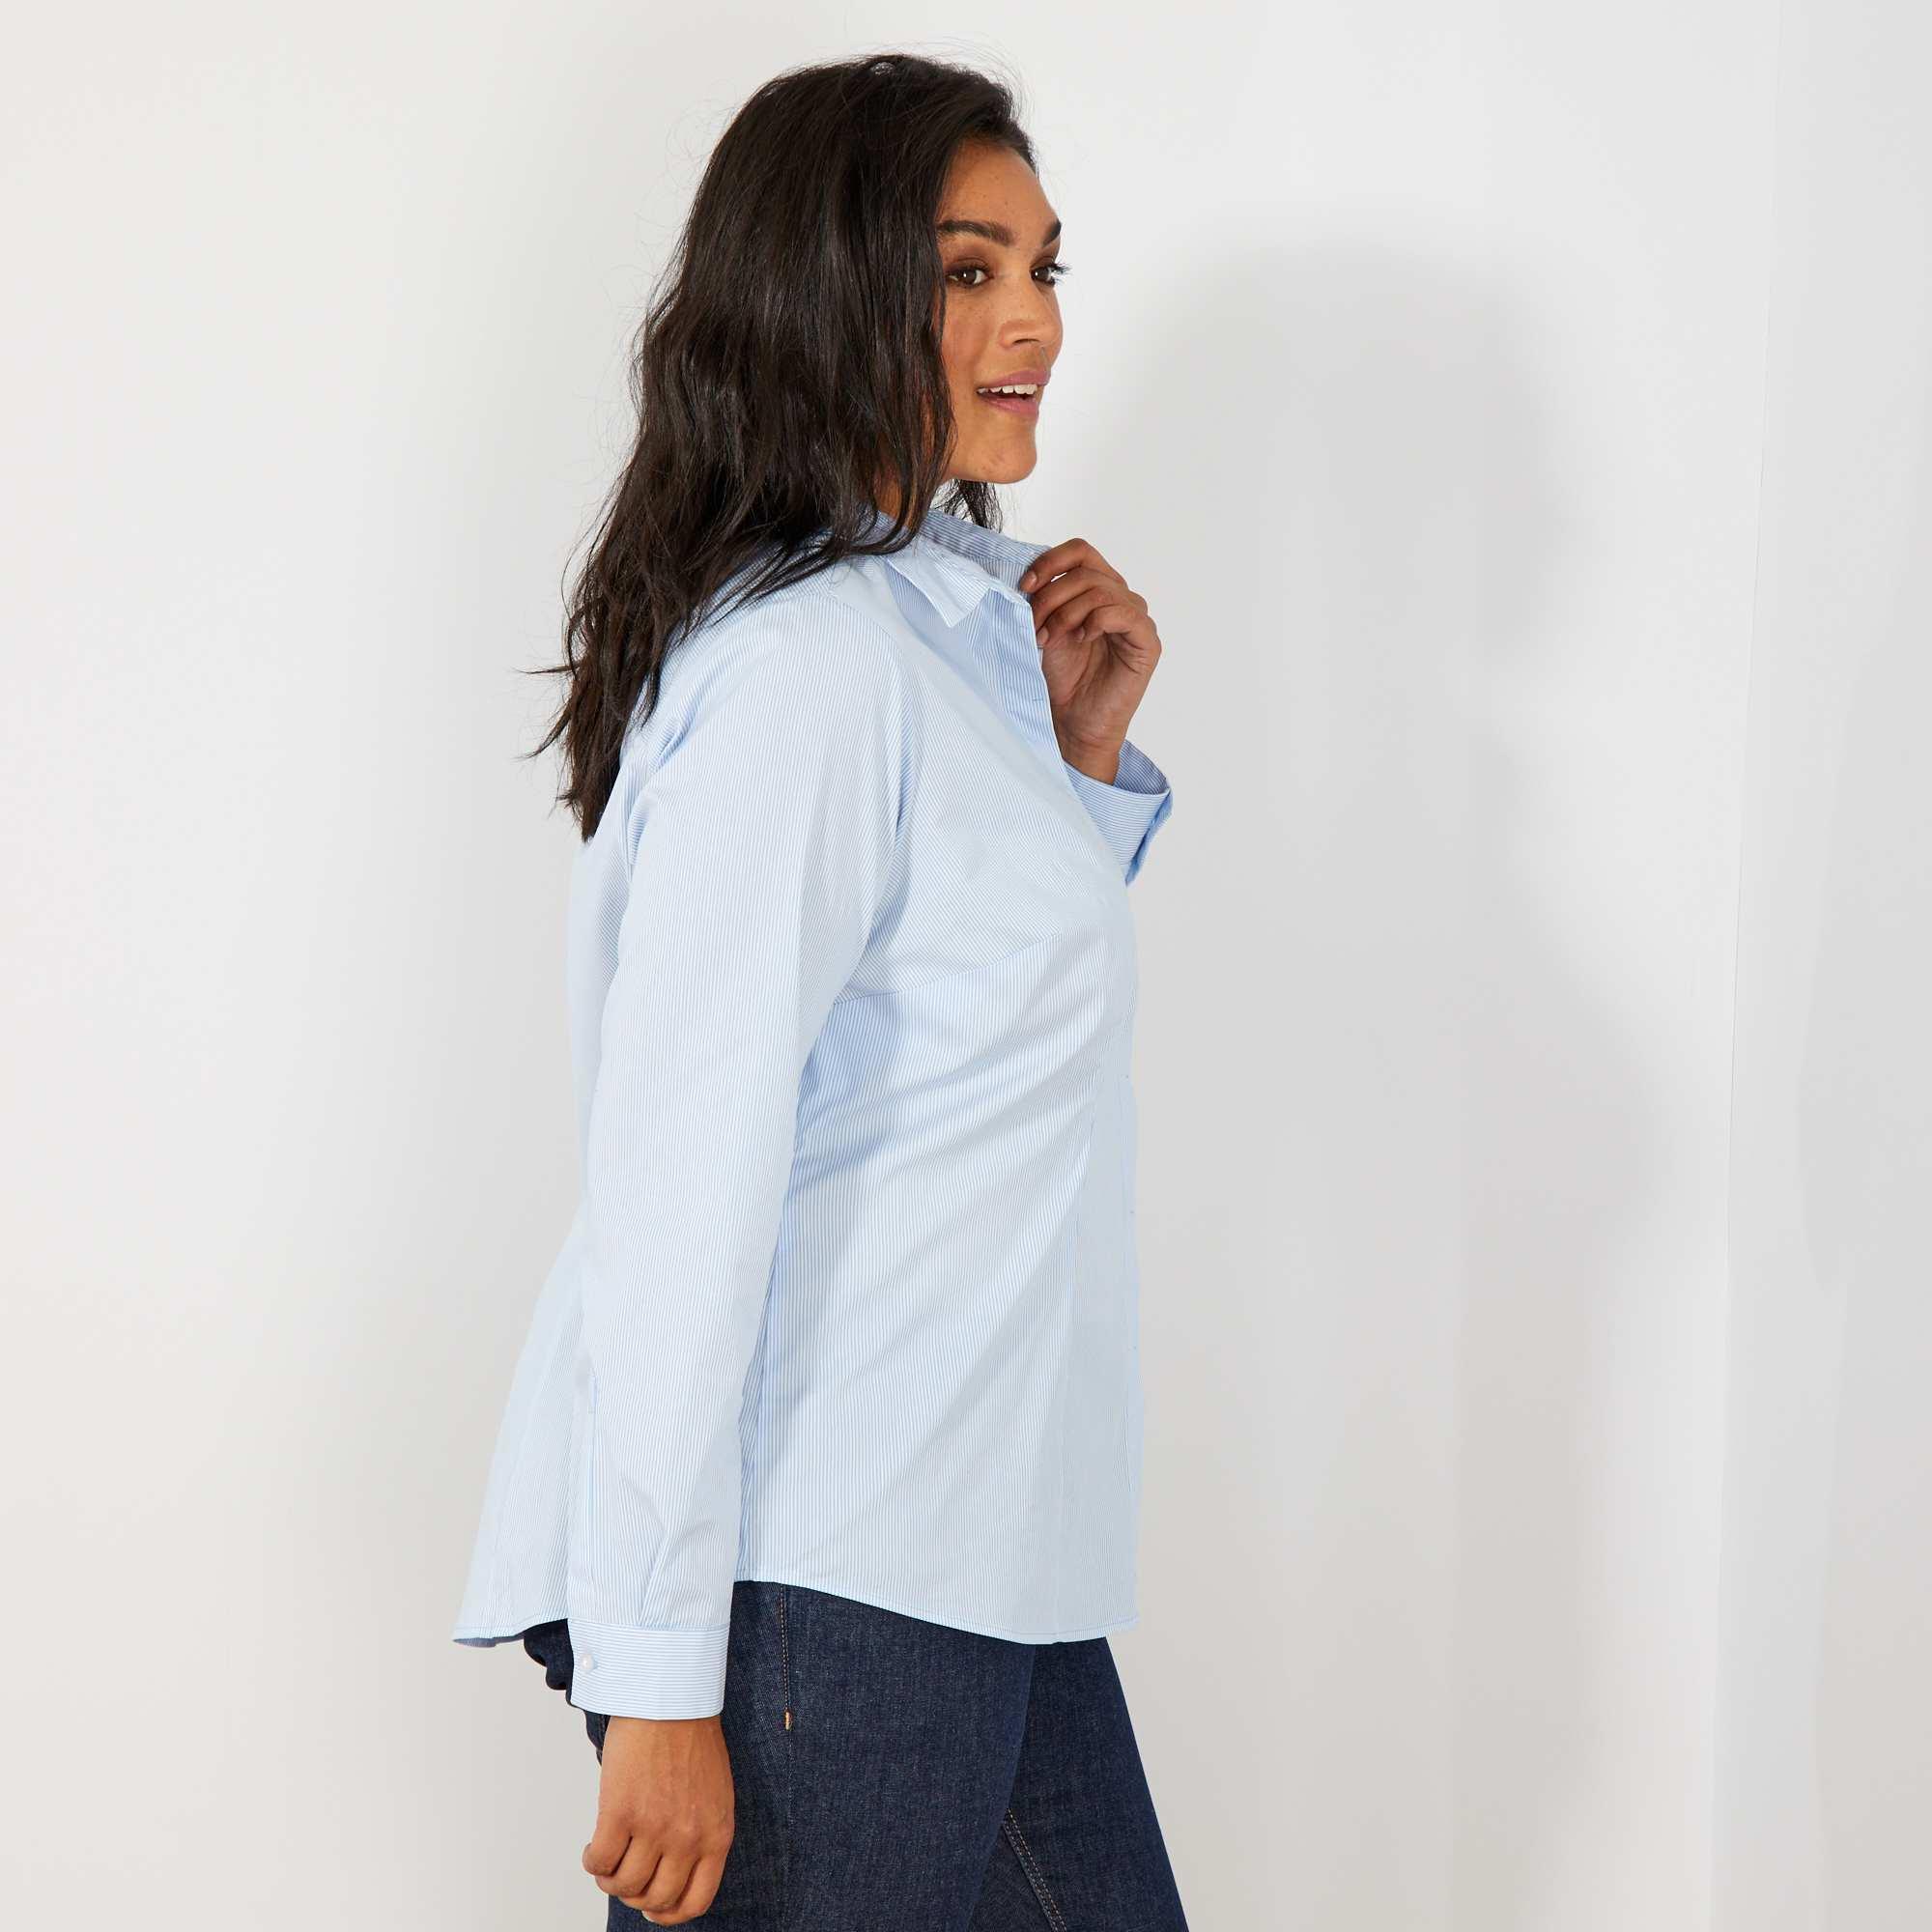 Couleur : rayé bleu, , ,, - Taille : 54, 52, 50,,Une chemise au style classique, essentielle au dressing ! A choisir parmi 3 coloris